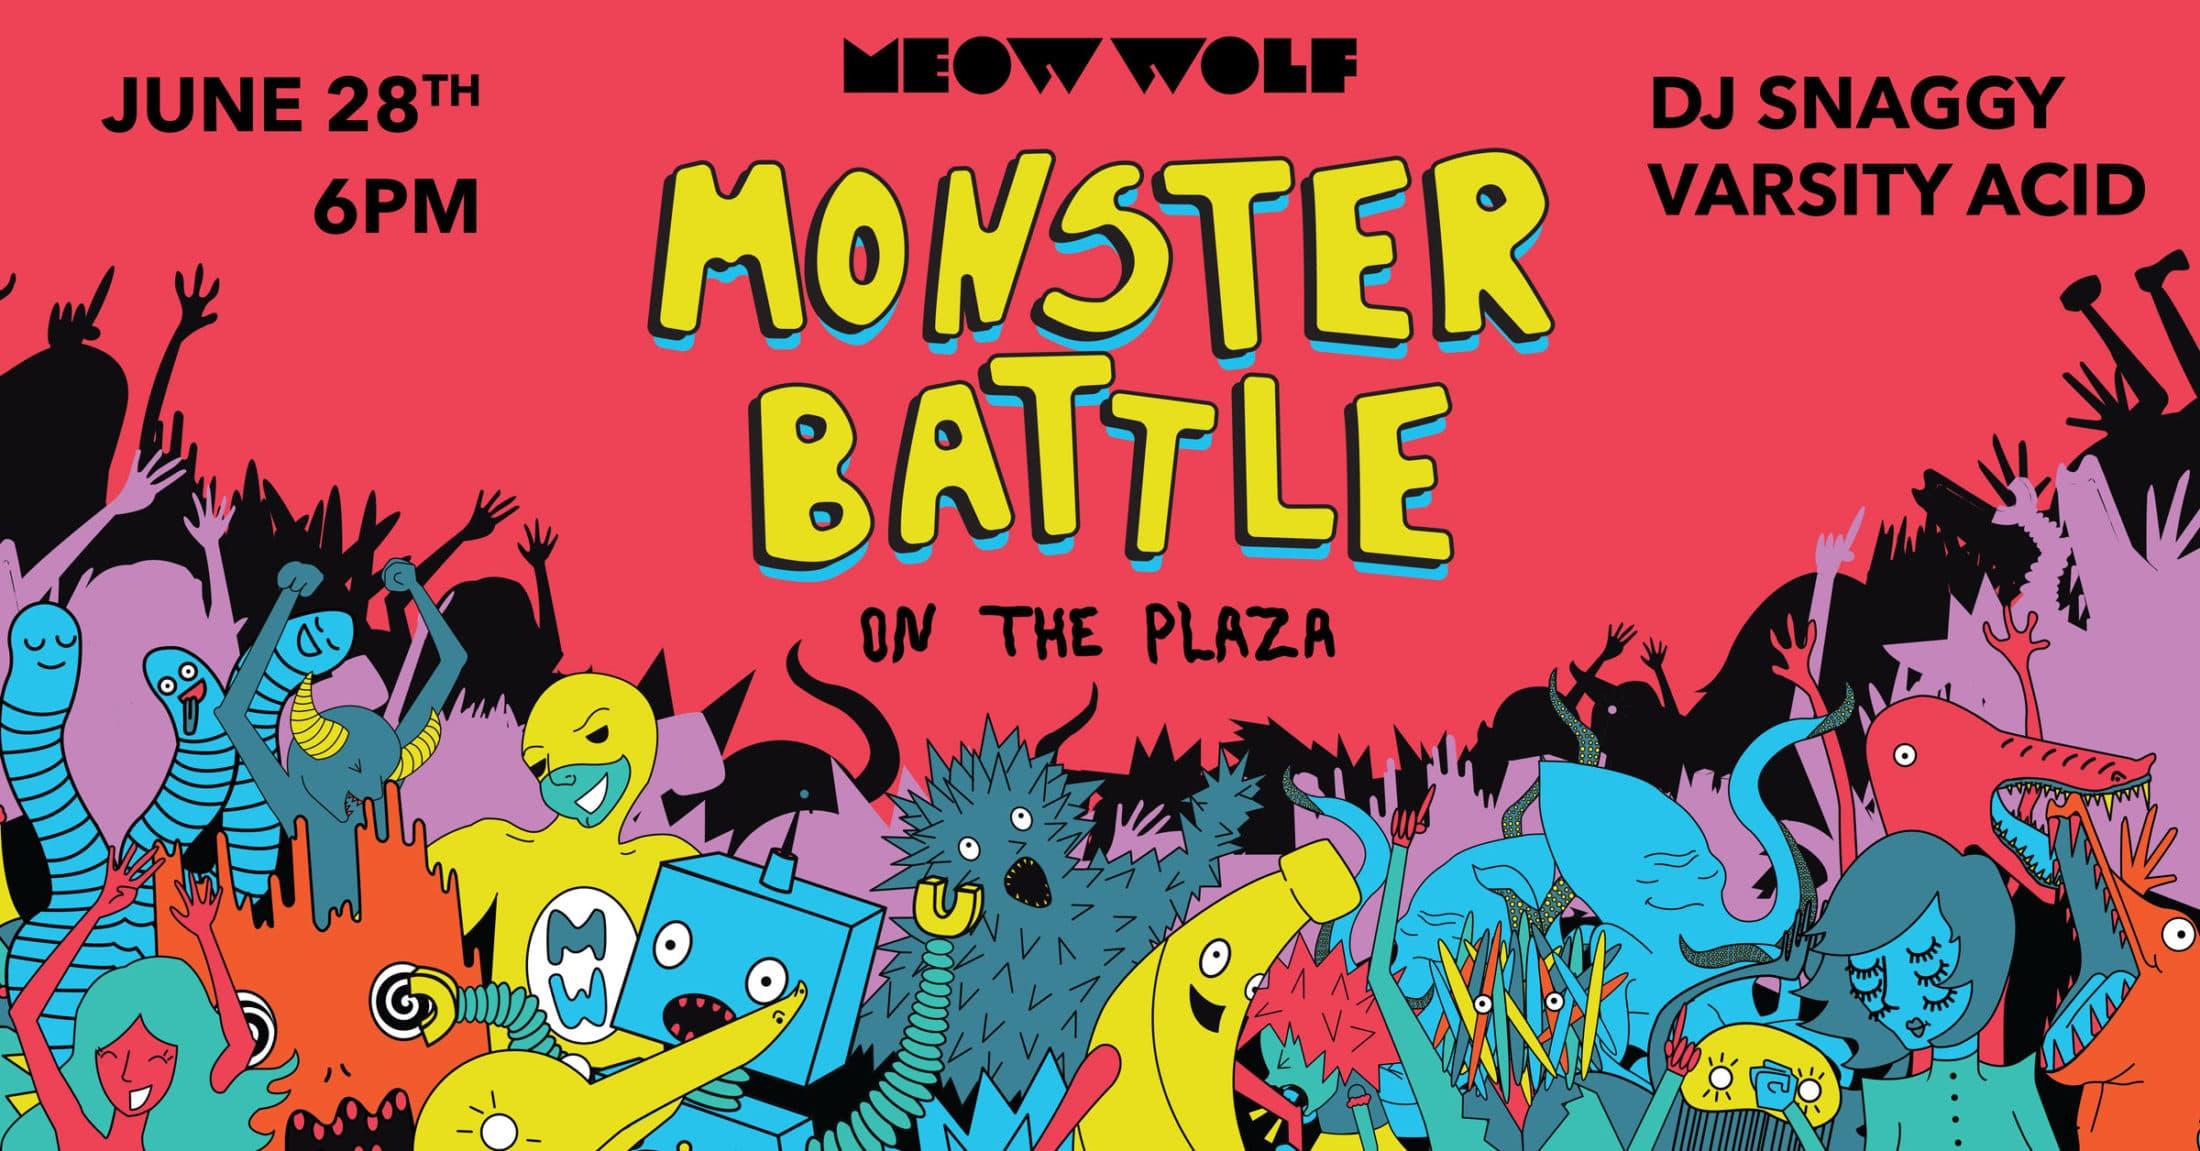 Monster Battle on the Plaza!